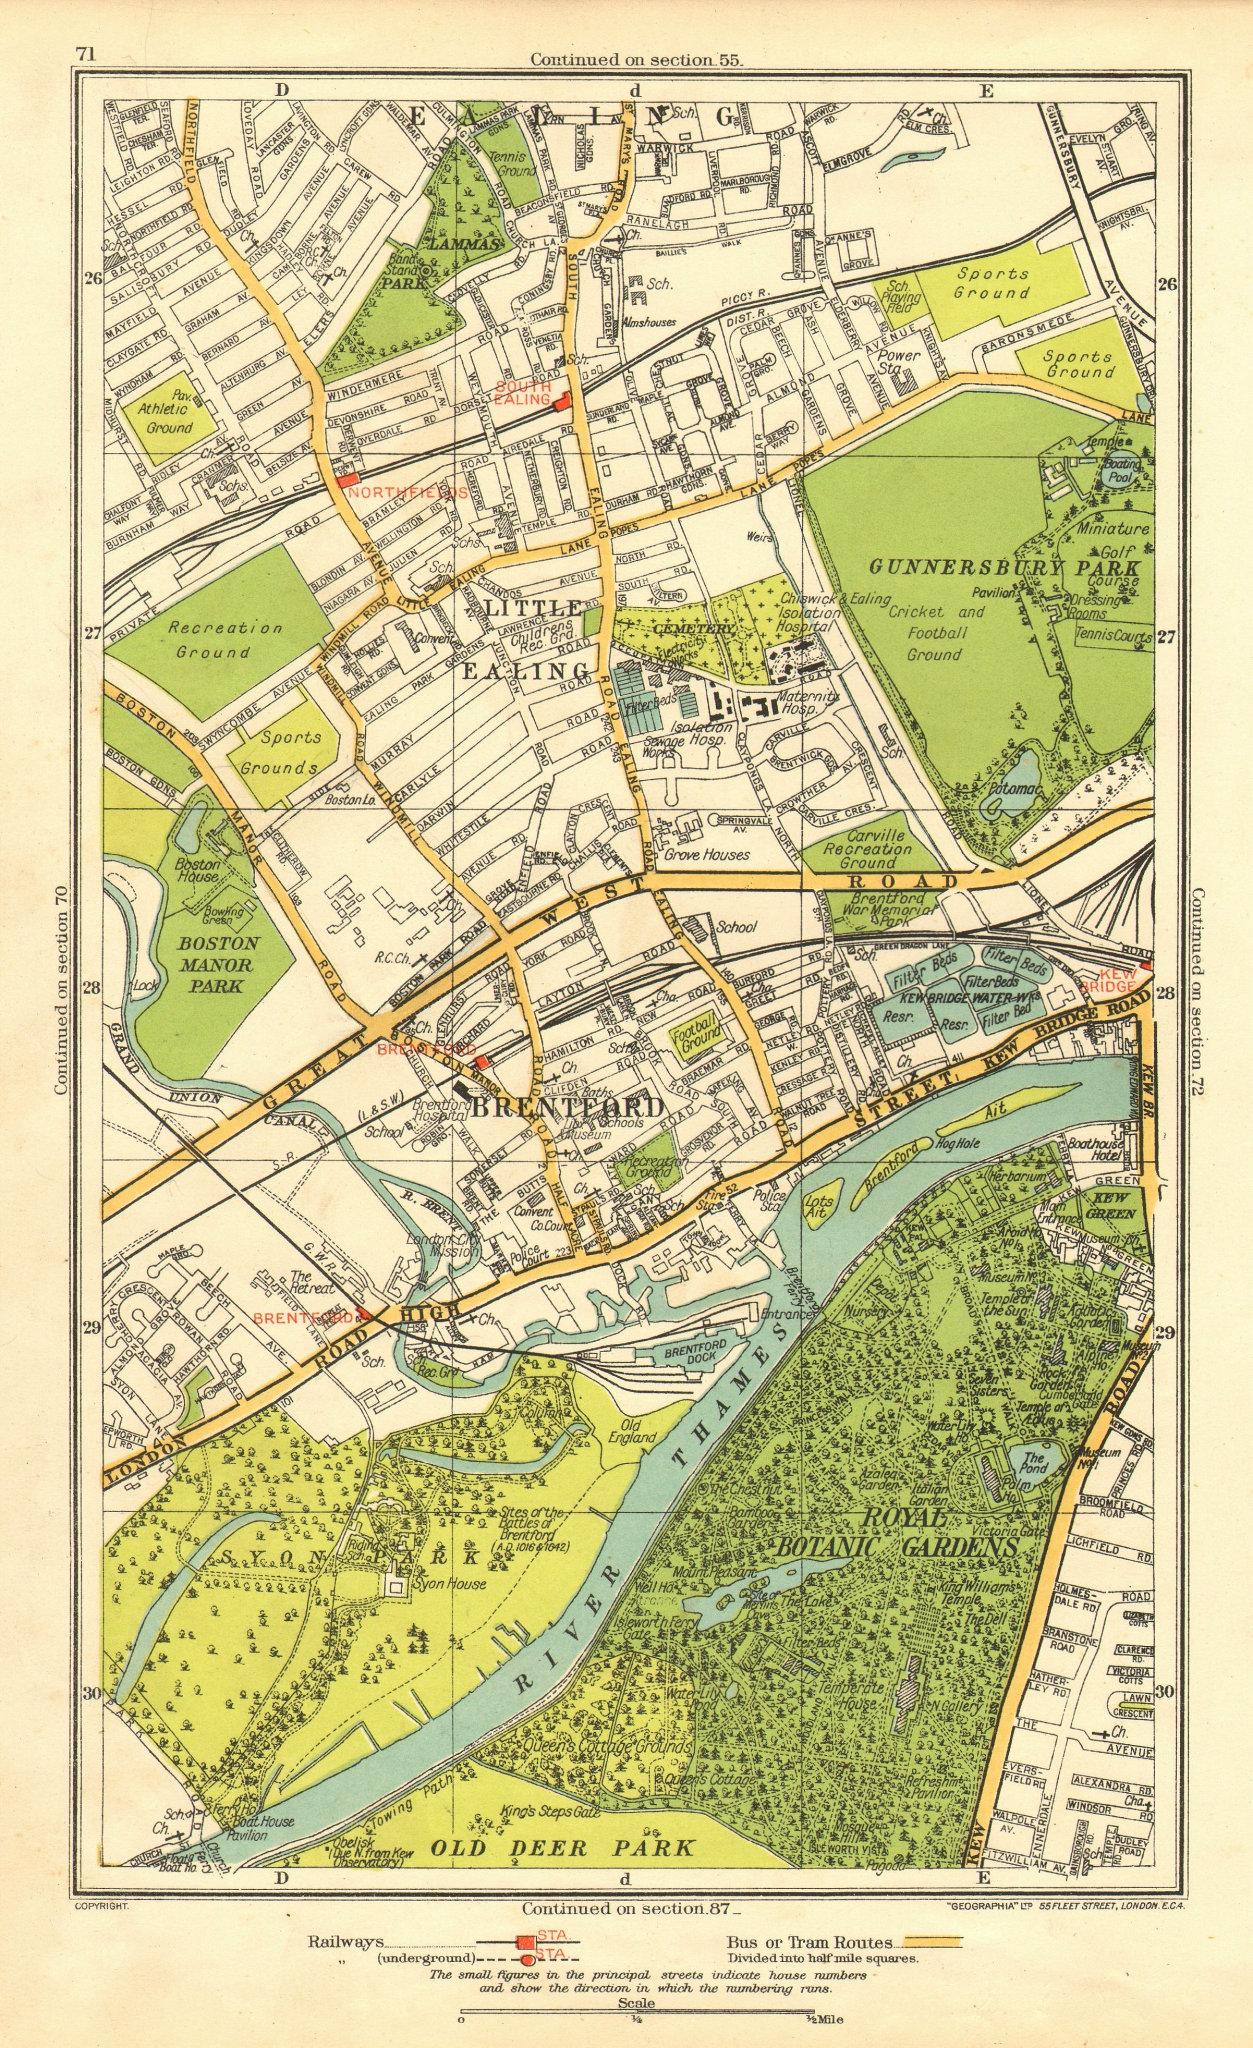 LONDON. Brentford Little Ealing Northfields Kew Bridge South Ealing 1937 map